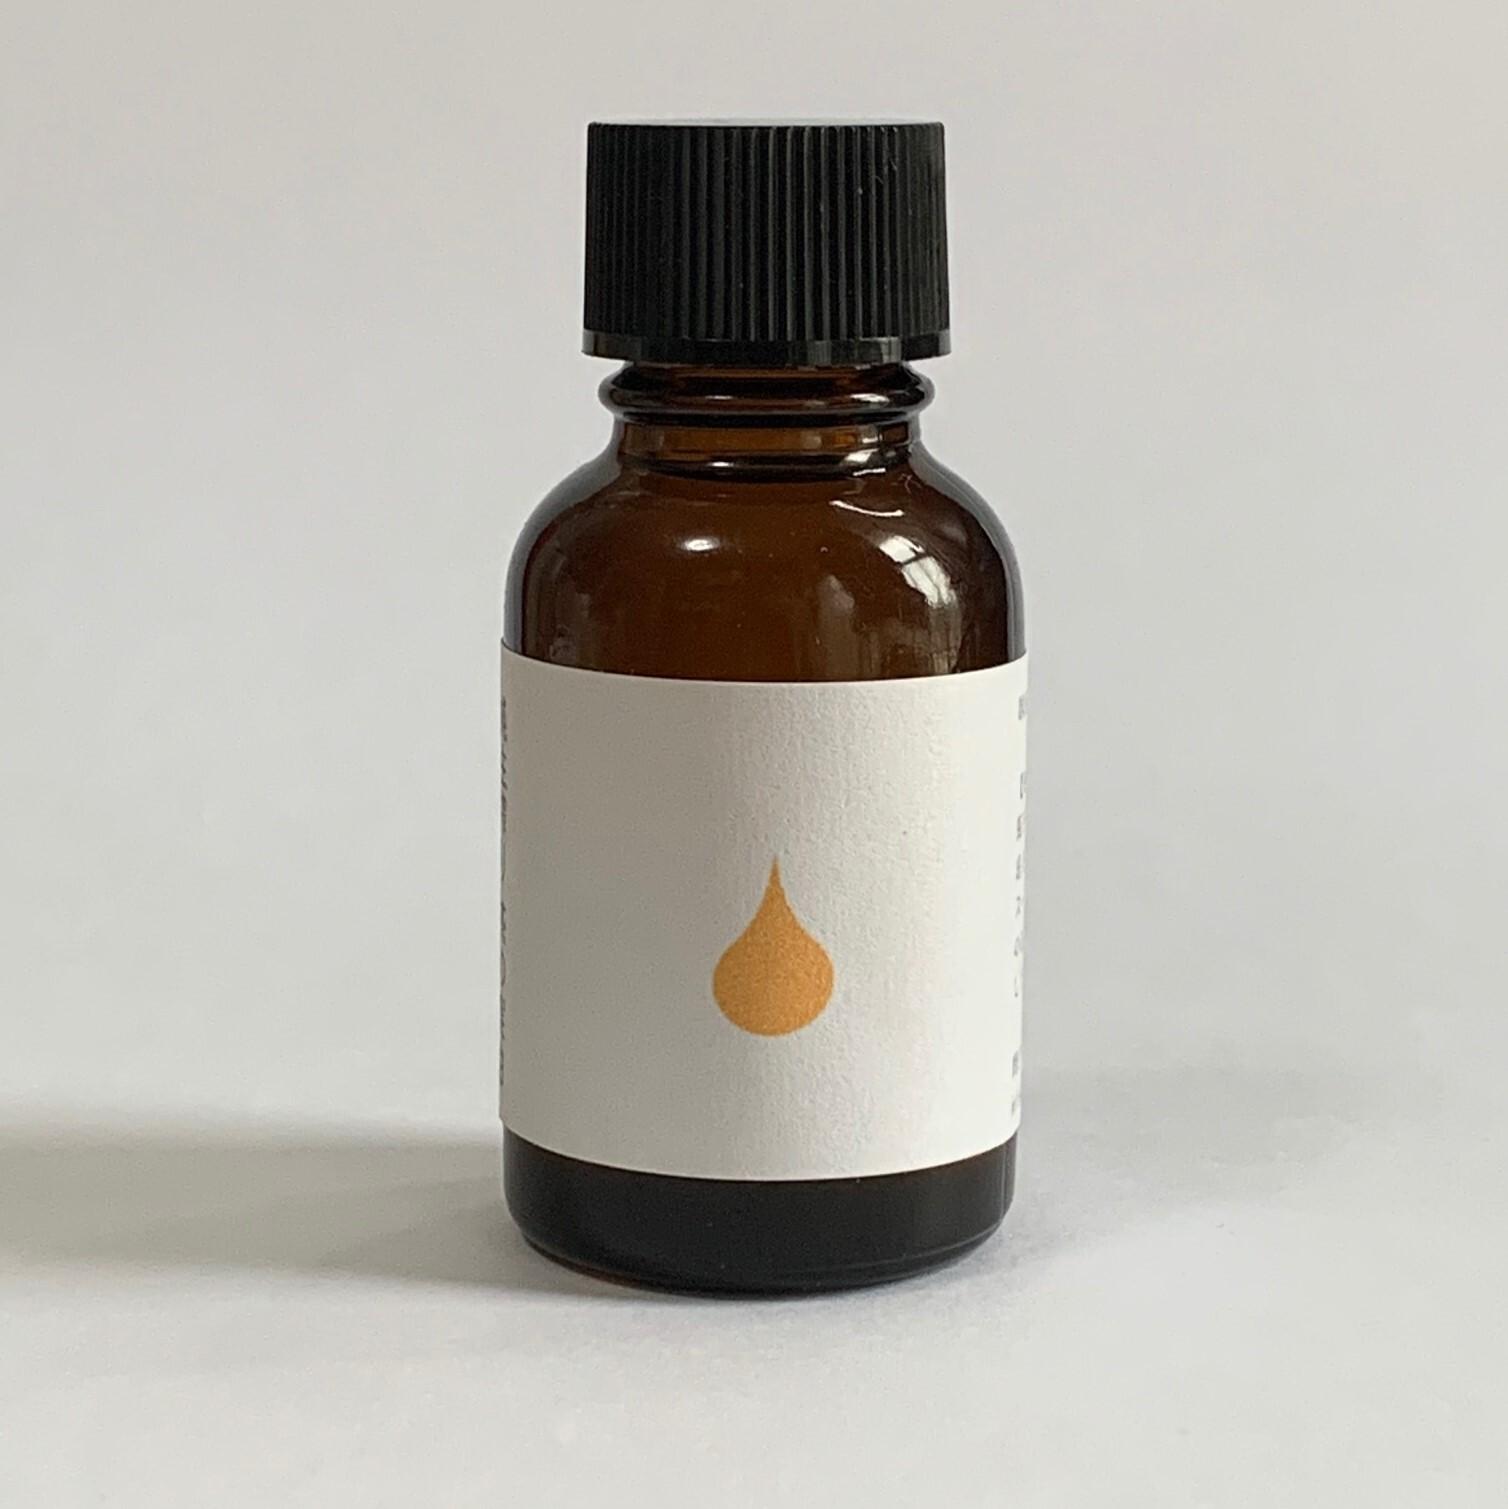 【3個セット】TEA OIL Selection 純生搾り 食用 茶の実油 20g